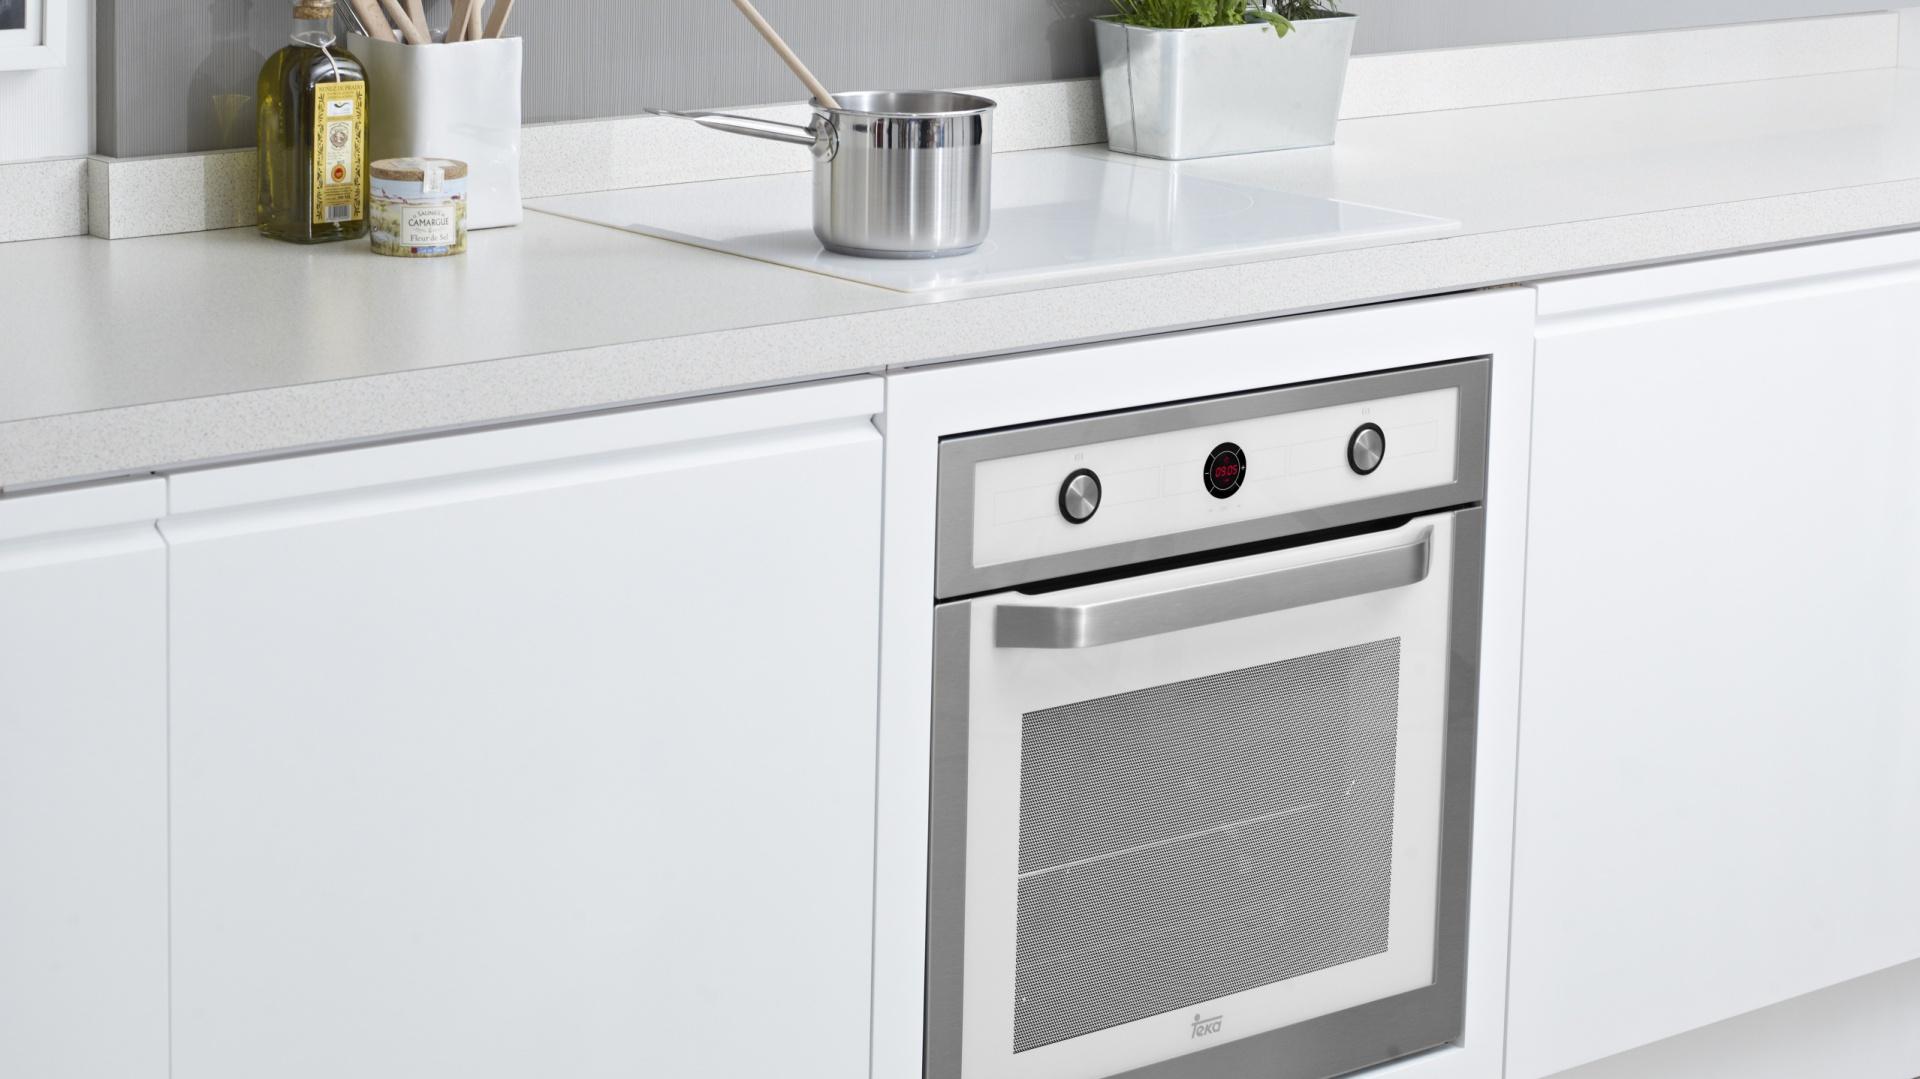 Piekarnik HL 840 WHITE Modna biała kuchnia Wybierz   -> Kuchnia Gazowa Czy Indukcyjna